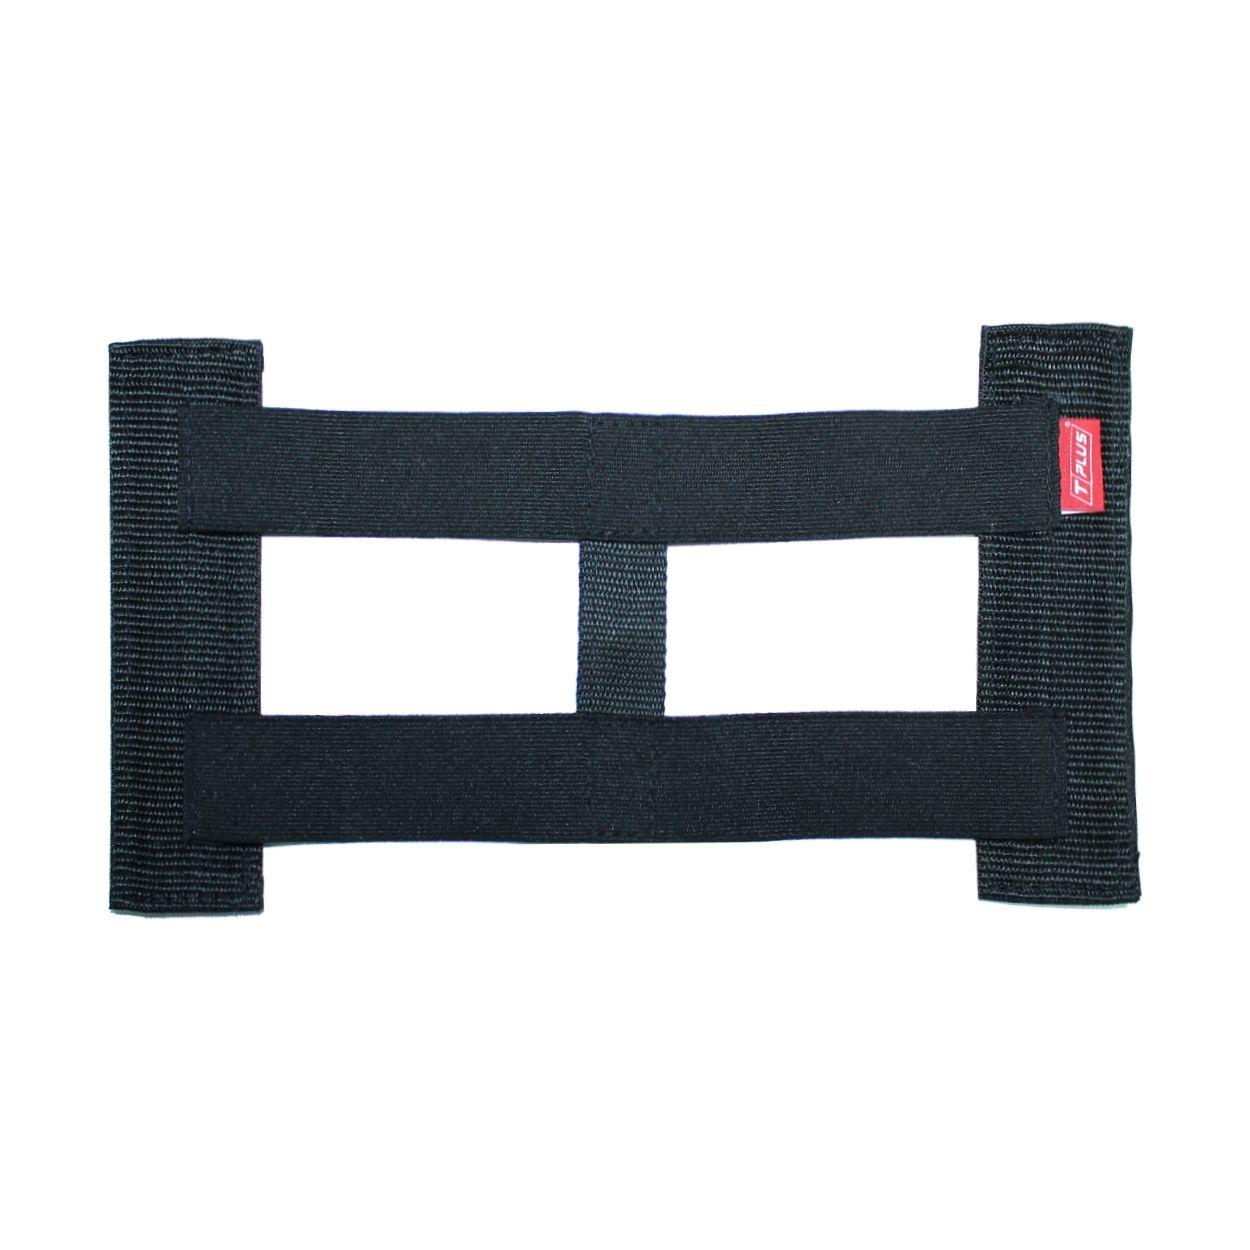 Карман для багажника Tplus T007203, черный автохимия уральск